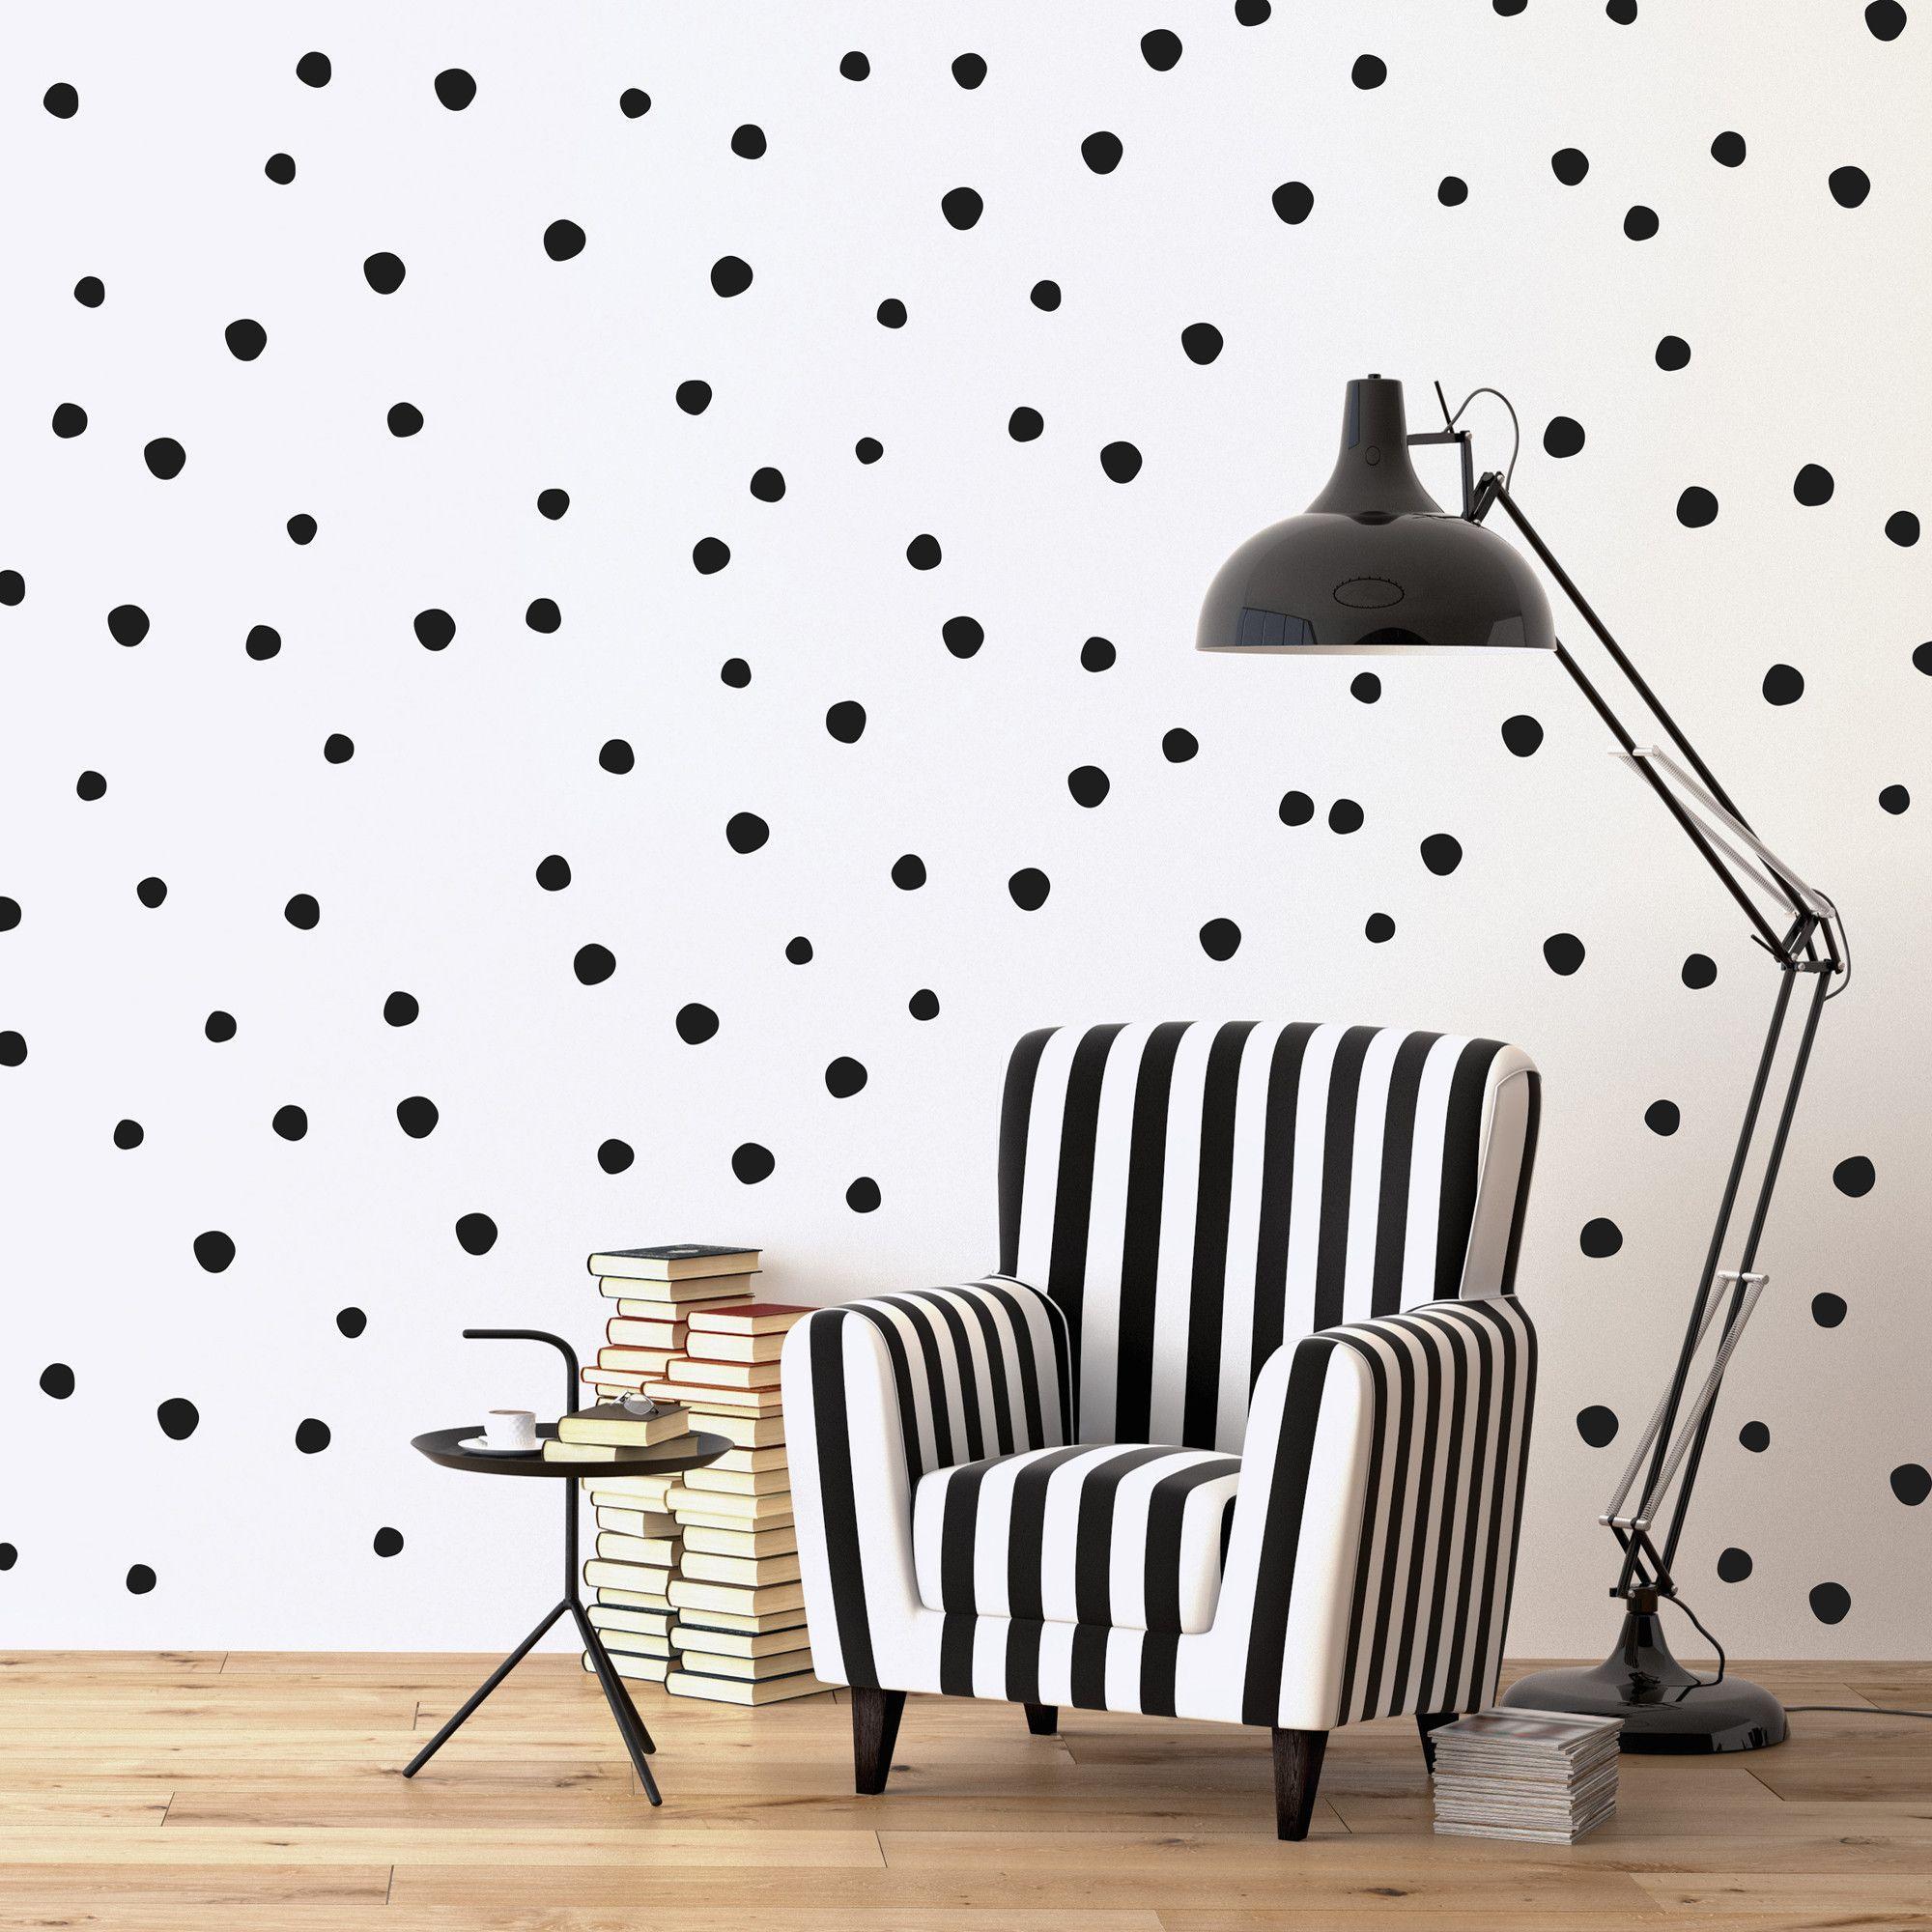 irregular polka dots wall decals polka dot walls wall decals irregular polka dots wall decals